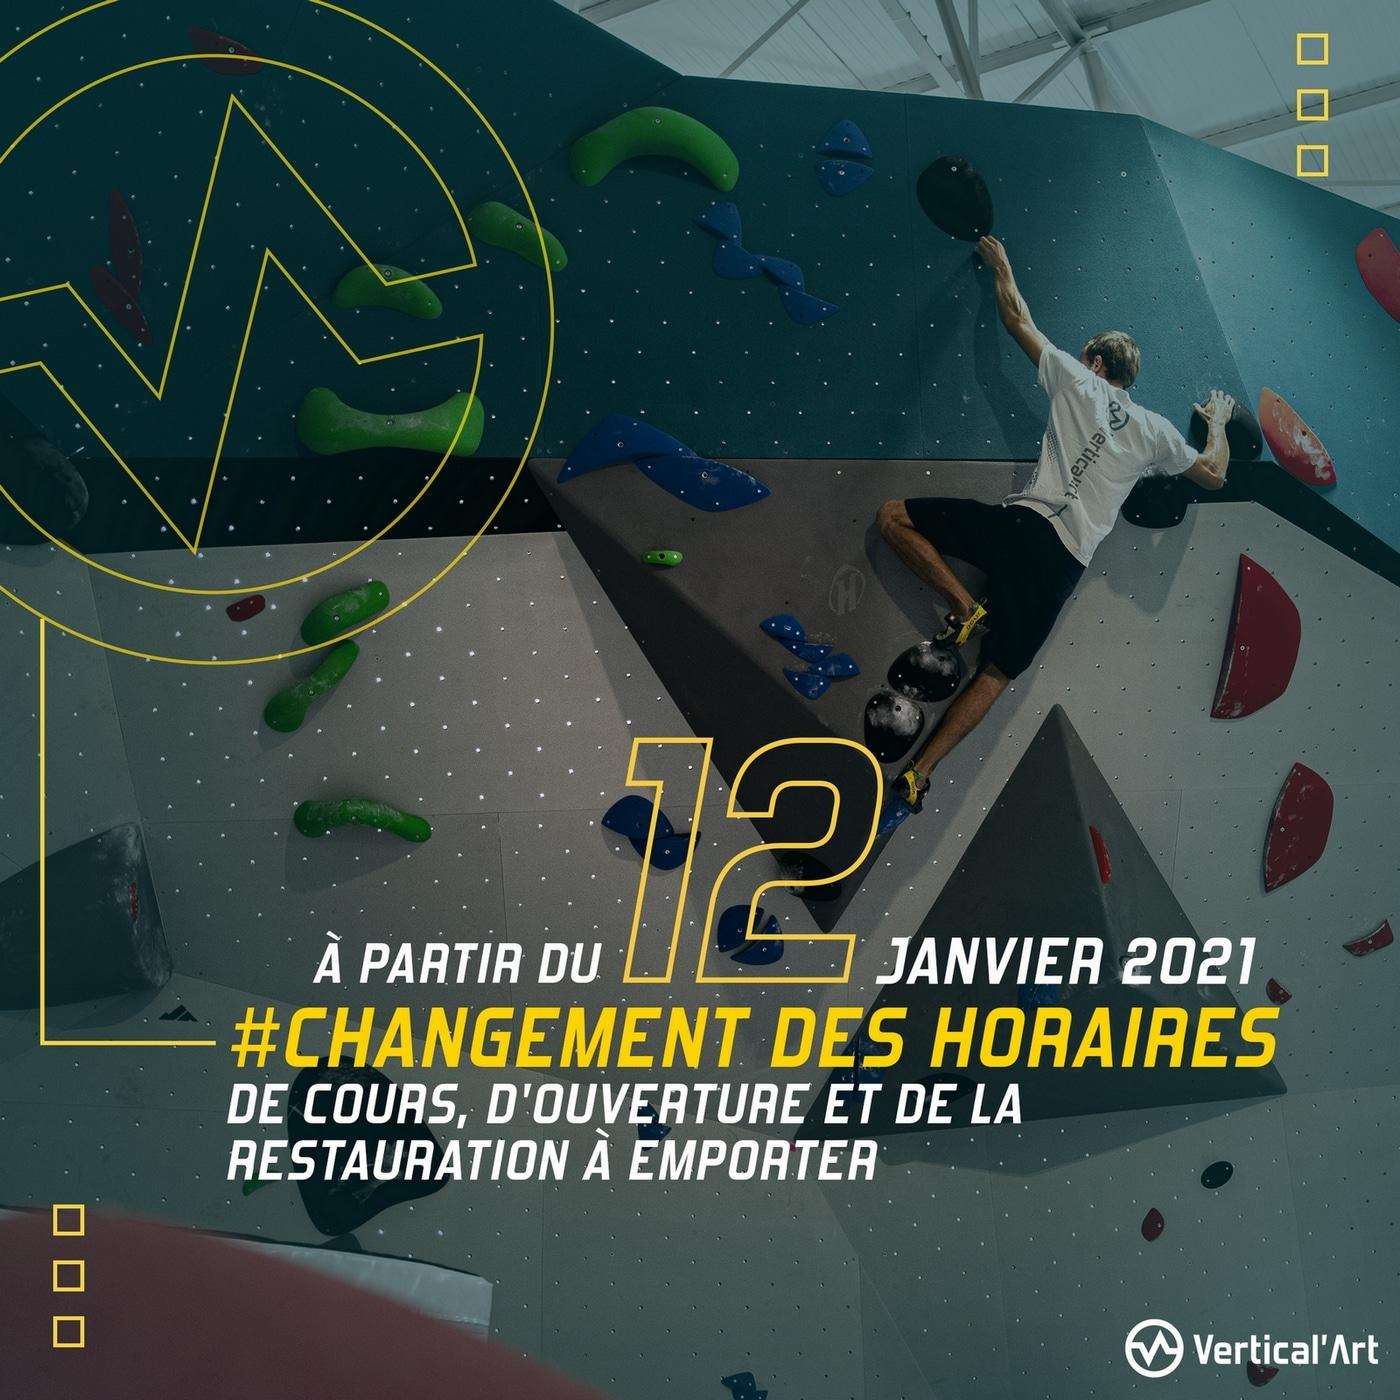 Changement des horaires de cours, d'ouverture et de la restauration à emporter dans votre salle Vertical'Art Toulon, à partir du mardi 12 janvier